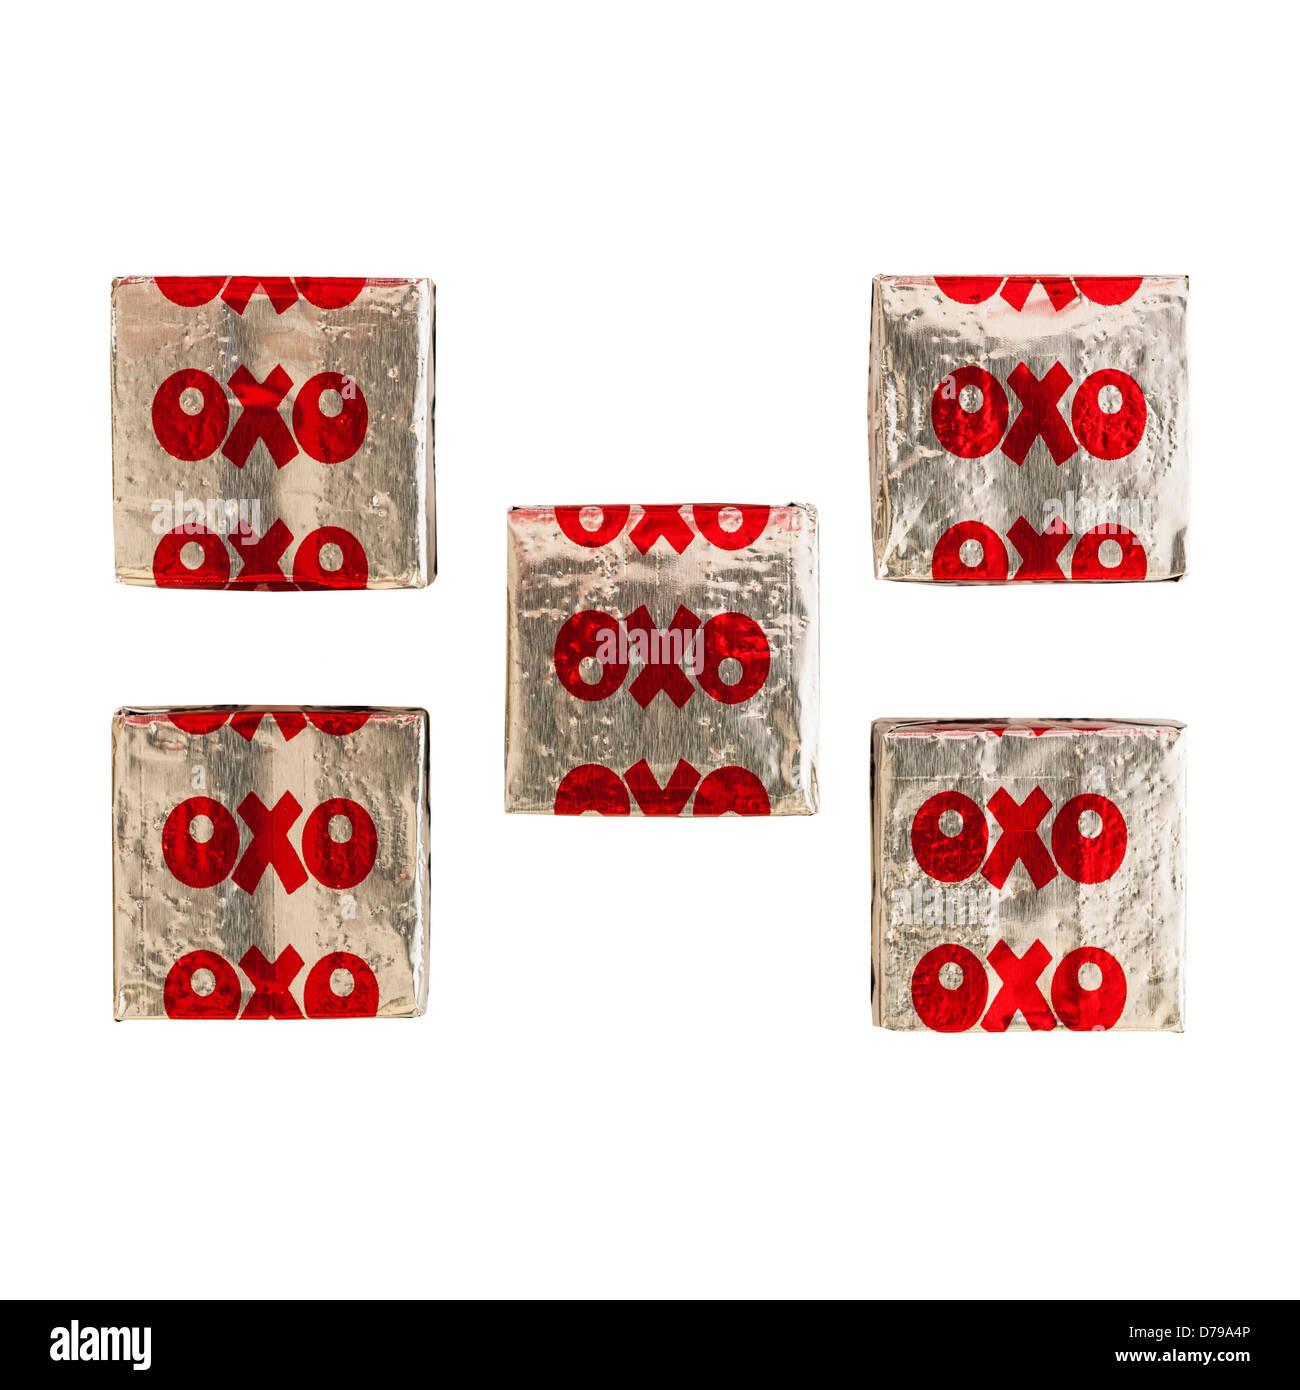 Carne Oxo cubos sobre un fondo blanco. Imagen De Stock